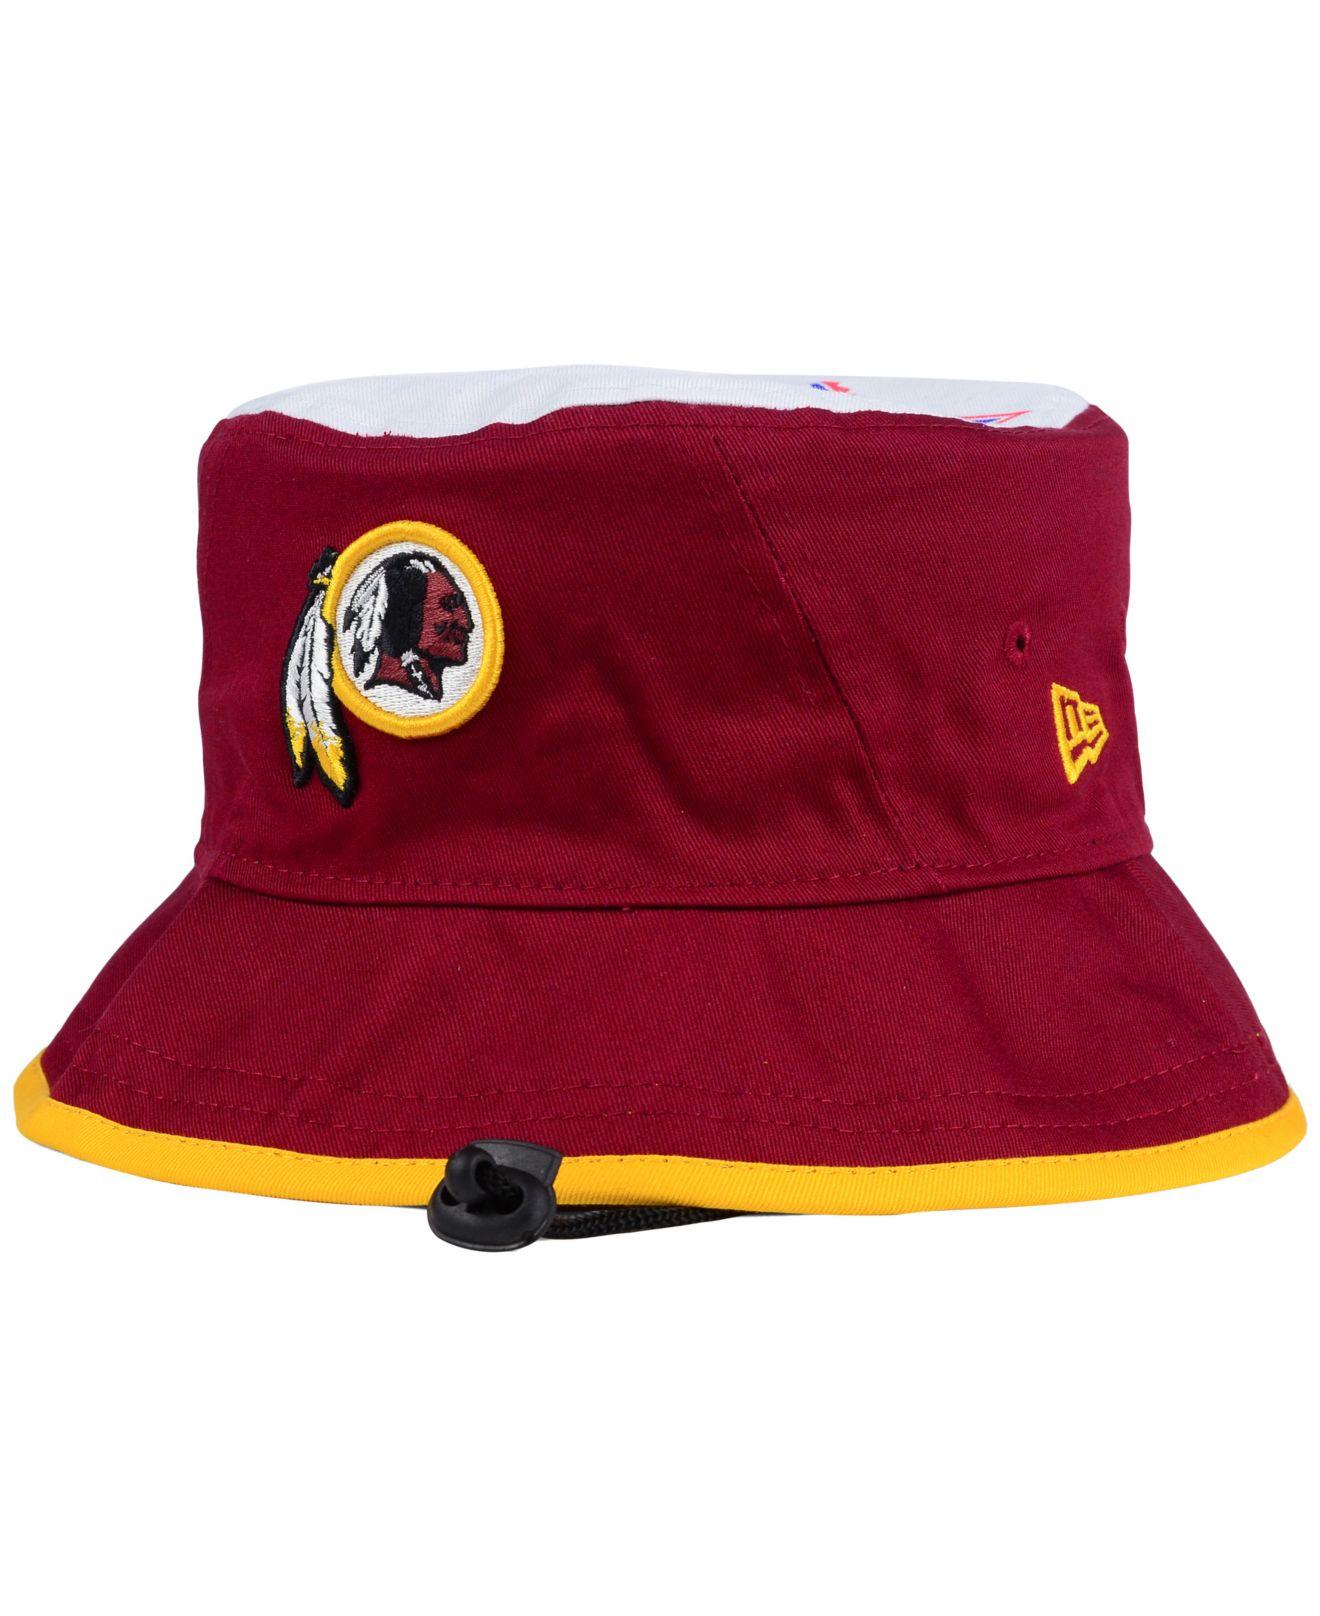 556862aa637 ... official redskins nfl bucket hats d654d 0b314